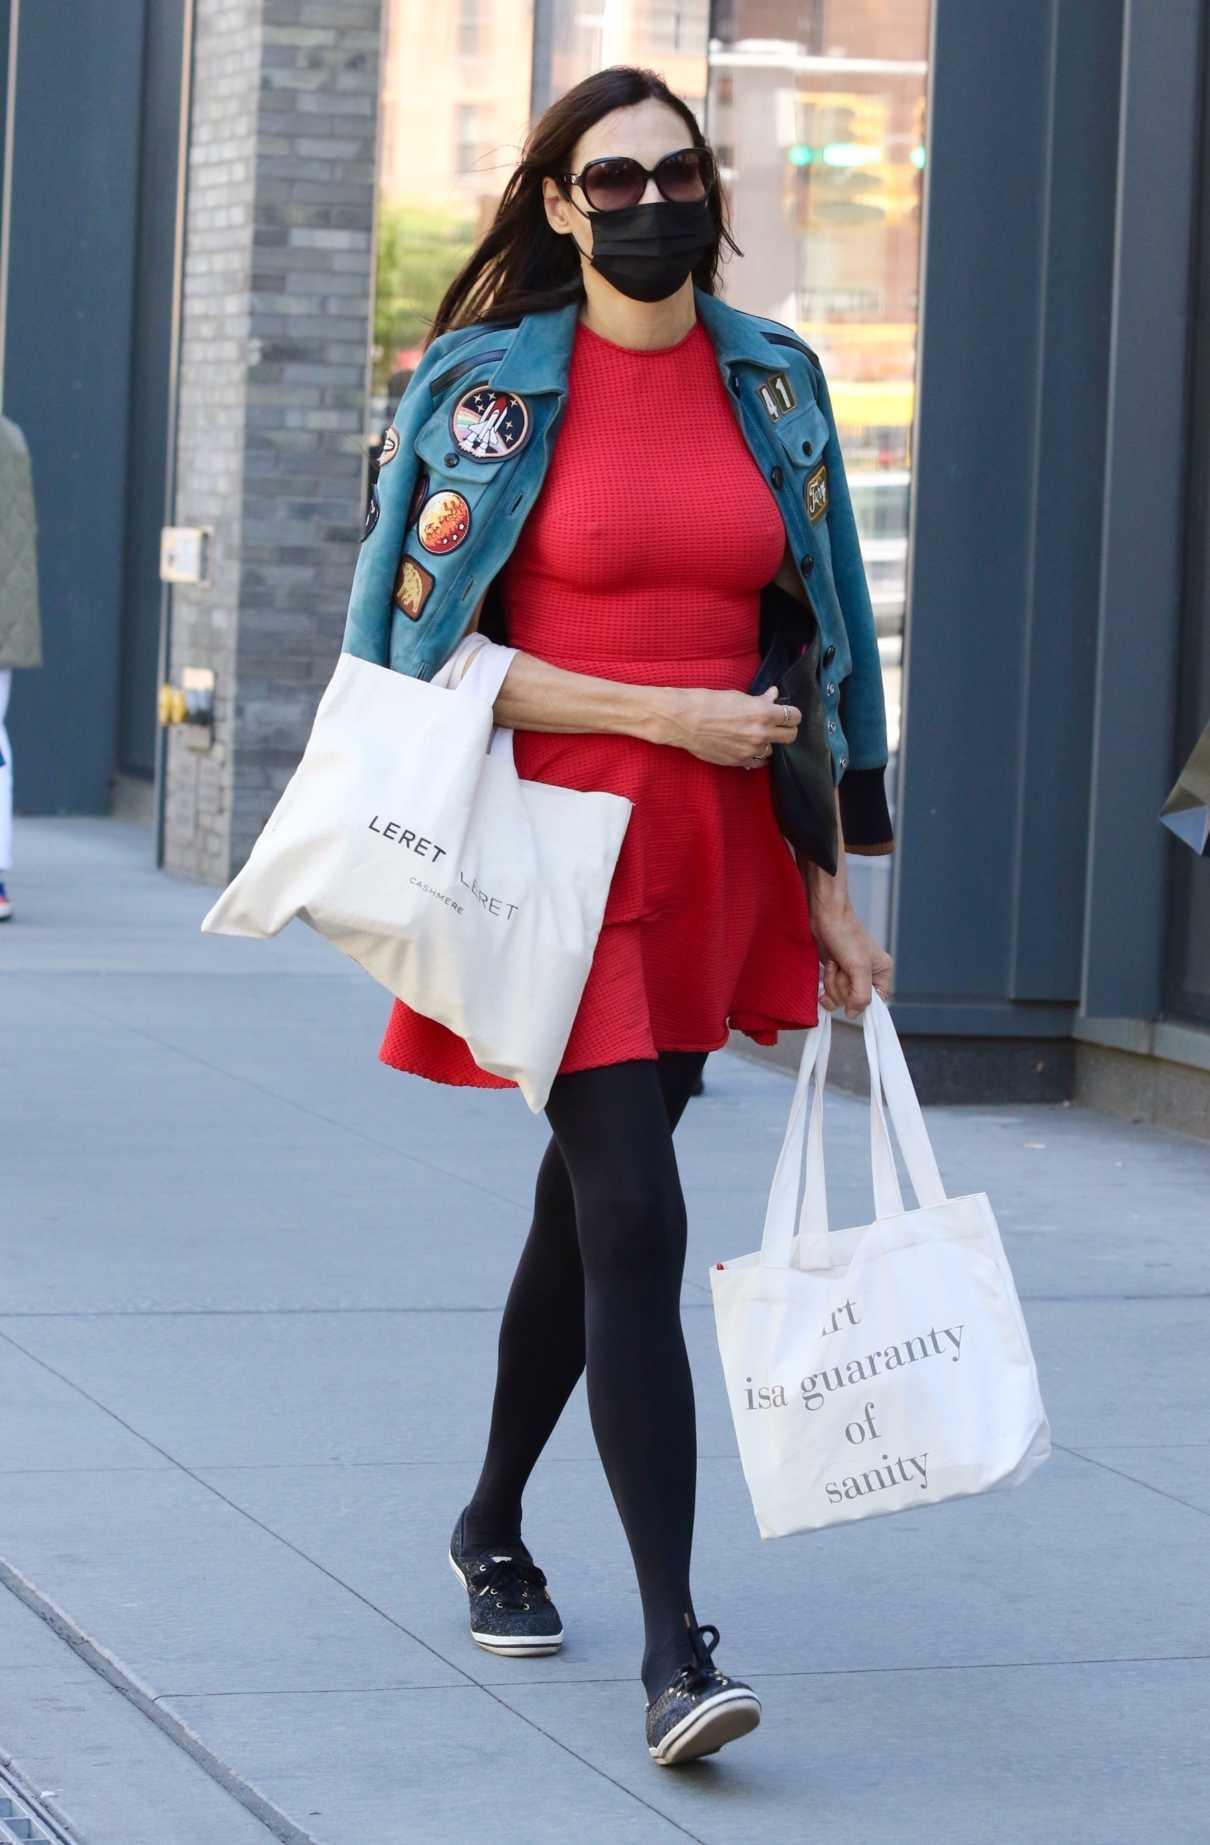 Famke Janssen in a Red Mini Dress Goes Grocery Shopping in New York City 05/06/2021